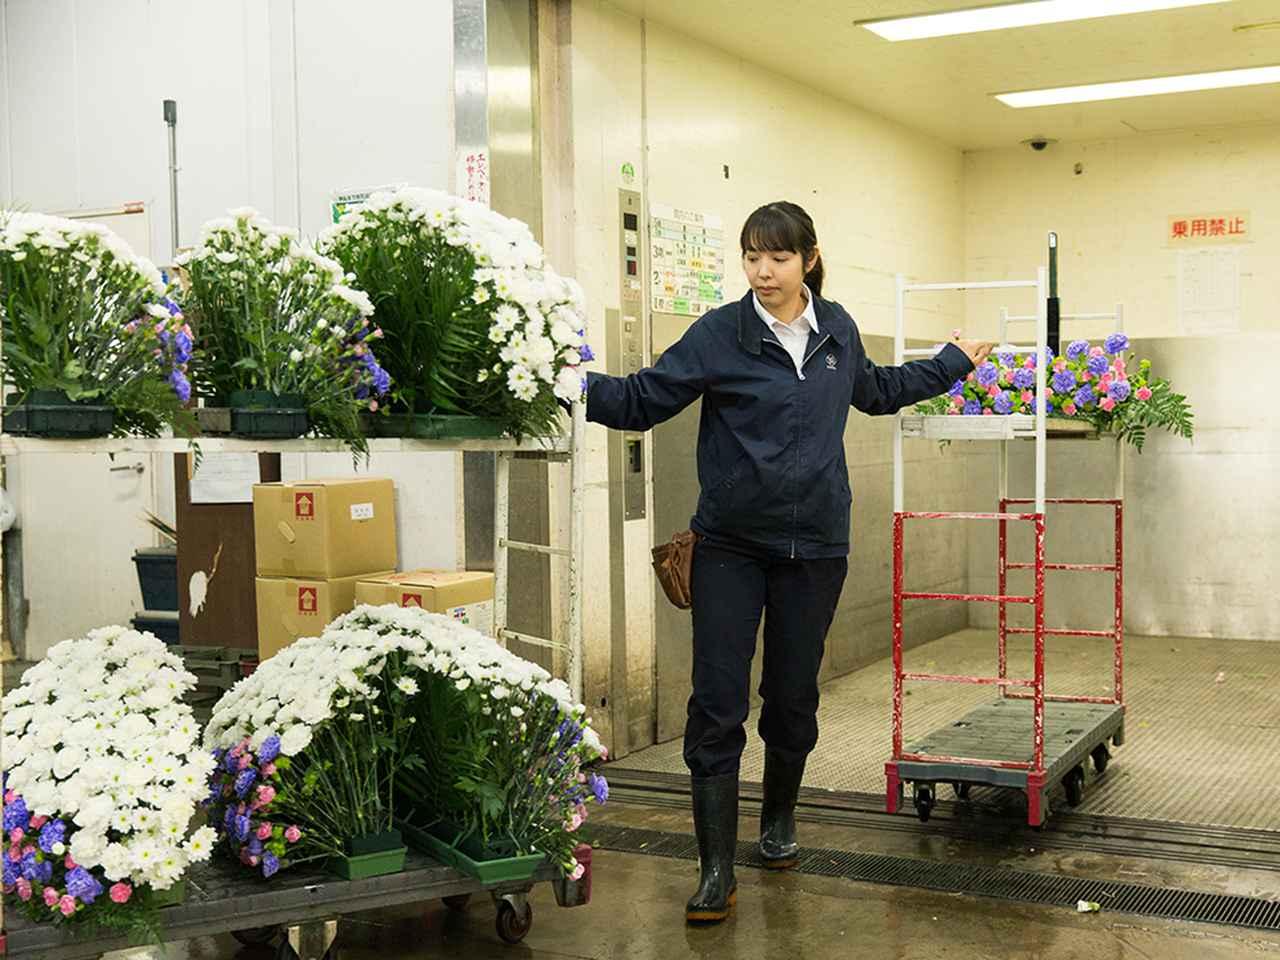 画像: 出来上がった生花祭壇を分解して、1階の荷捌き場まで下ろす